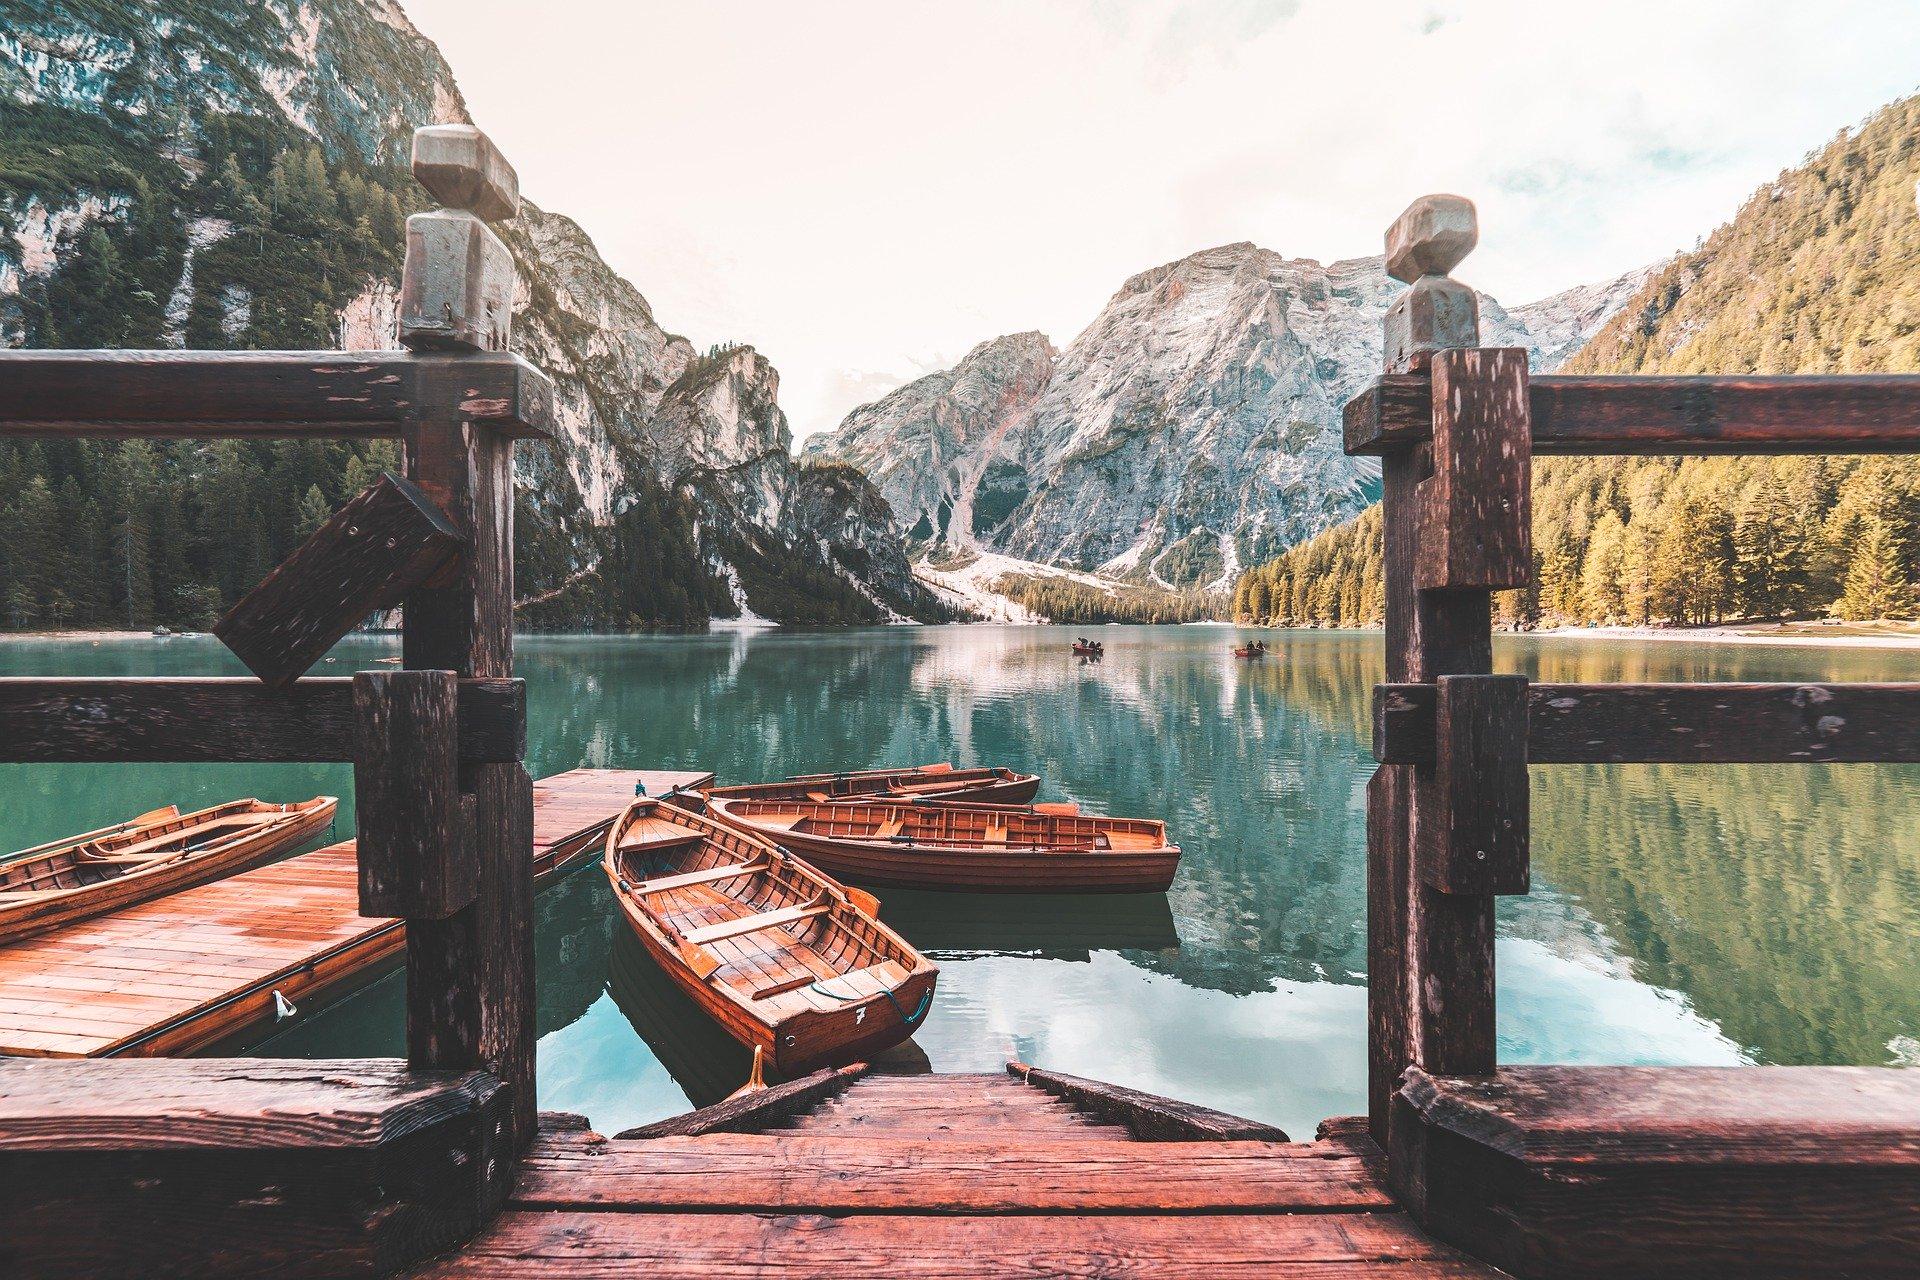 Sector do turismo representou 13,3% das exportações em 2012